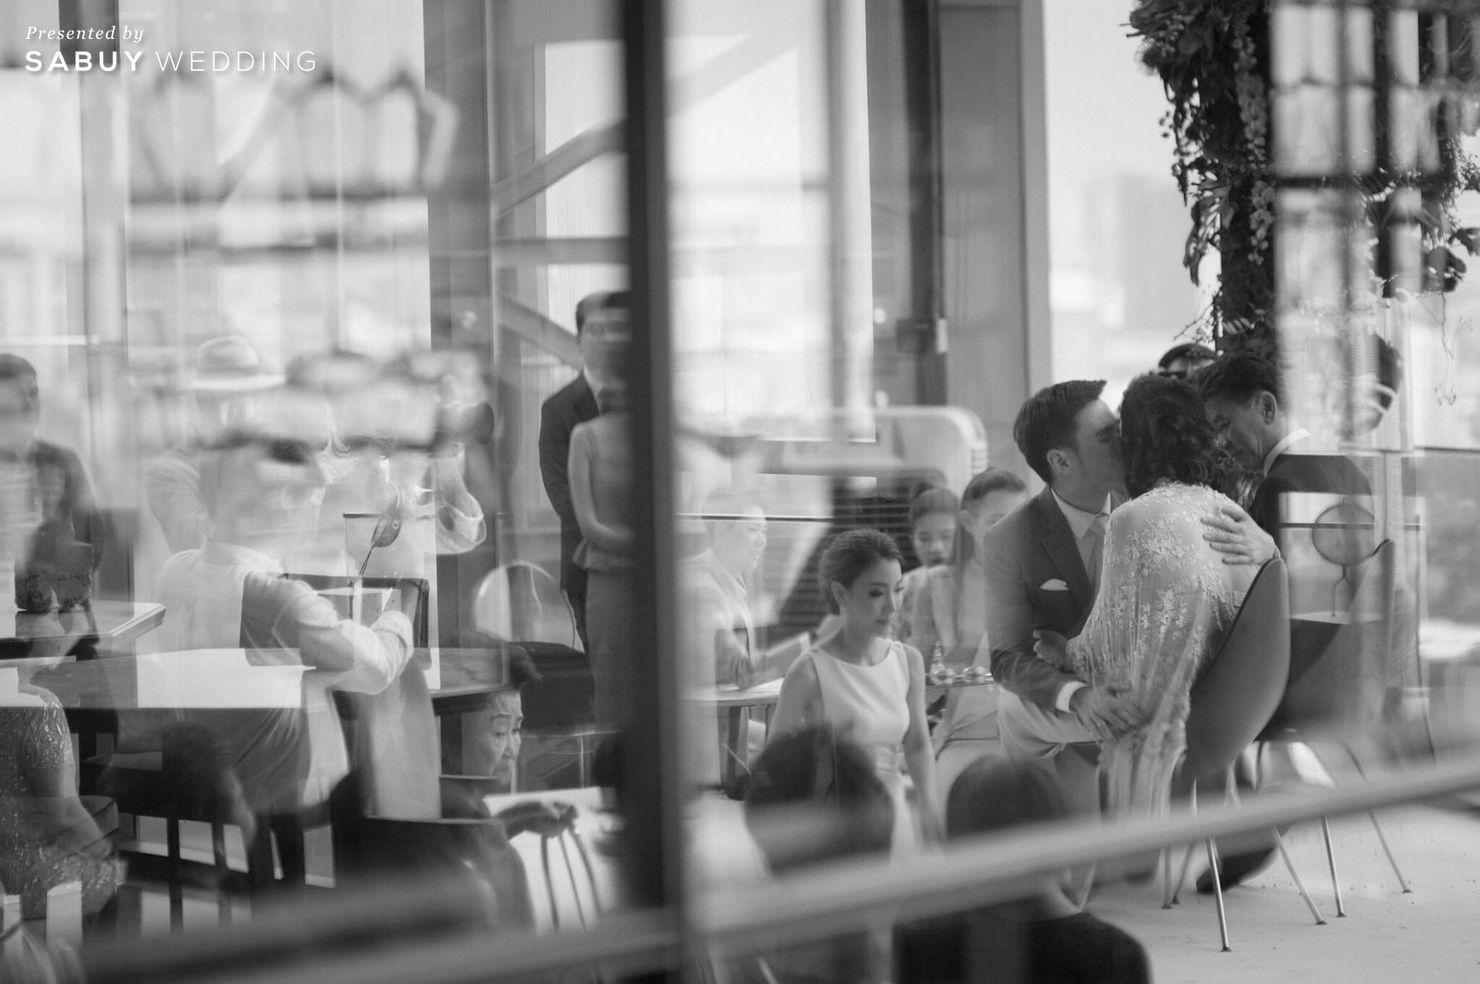 พิธีหมั้น,บ่าวสาว,ชุดเจ้าสาว,สถานที่แต่งงาน,โรงแรม รีวิวงานแต่ง Sit-down Lunch และ Dinner เฉียบเรียบโก้ โมเดิร์นมาก @SO Sofitel Bangkok